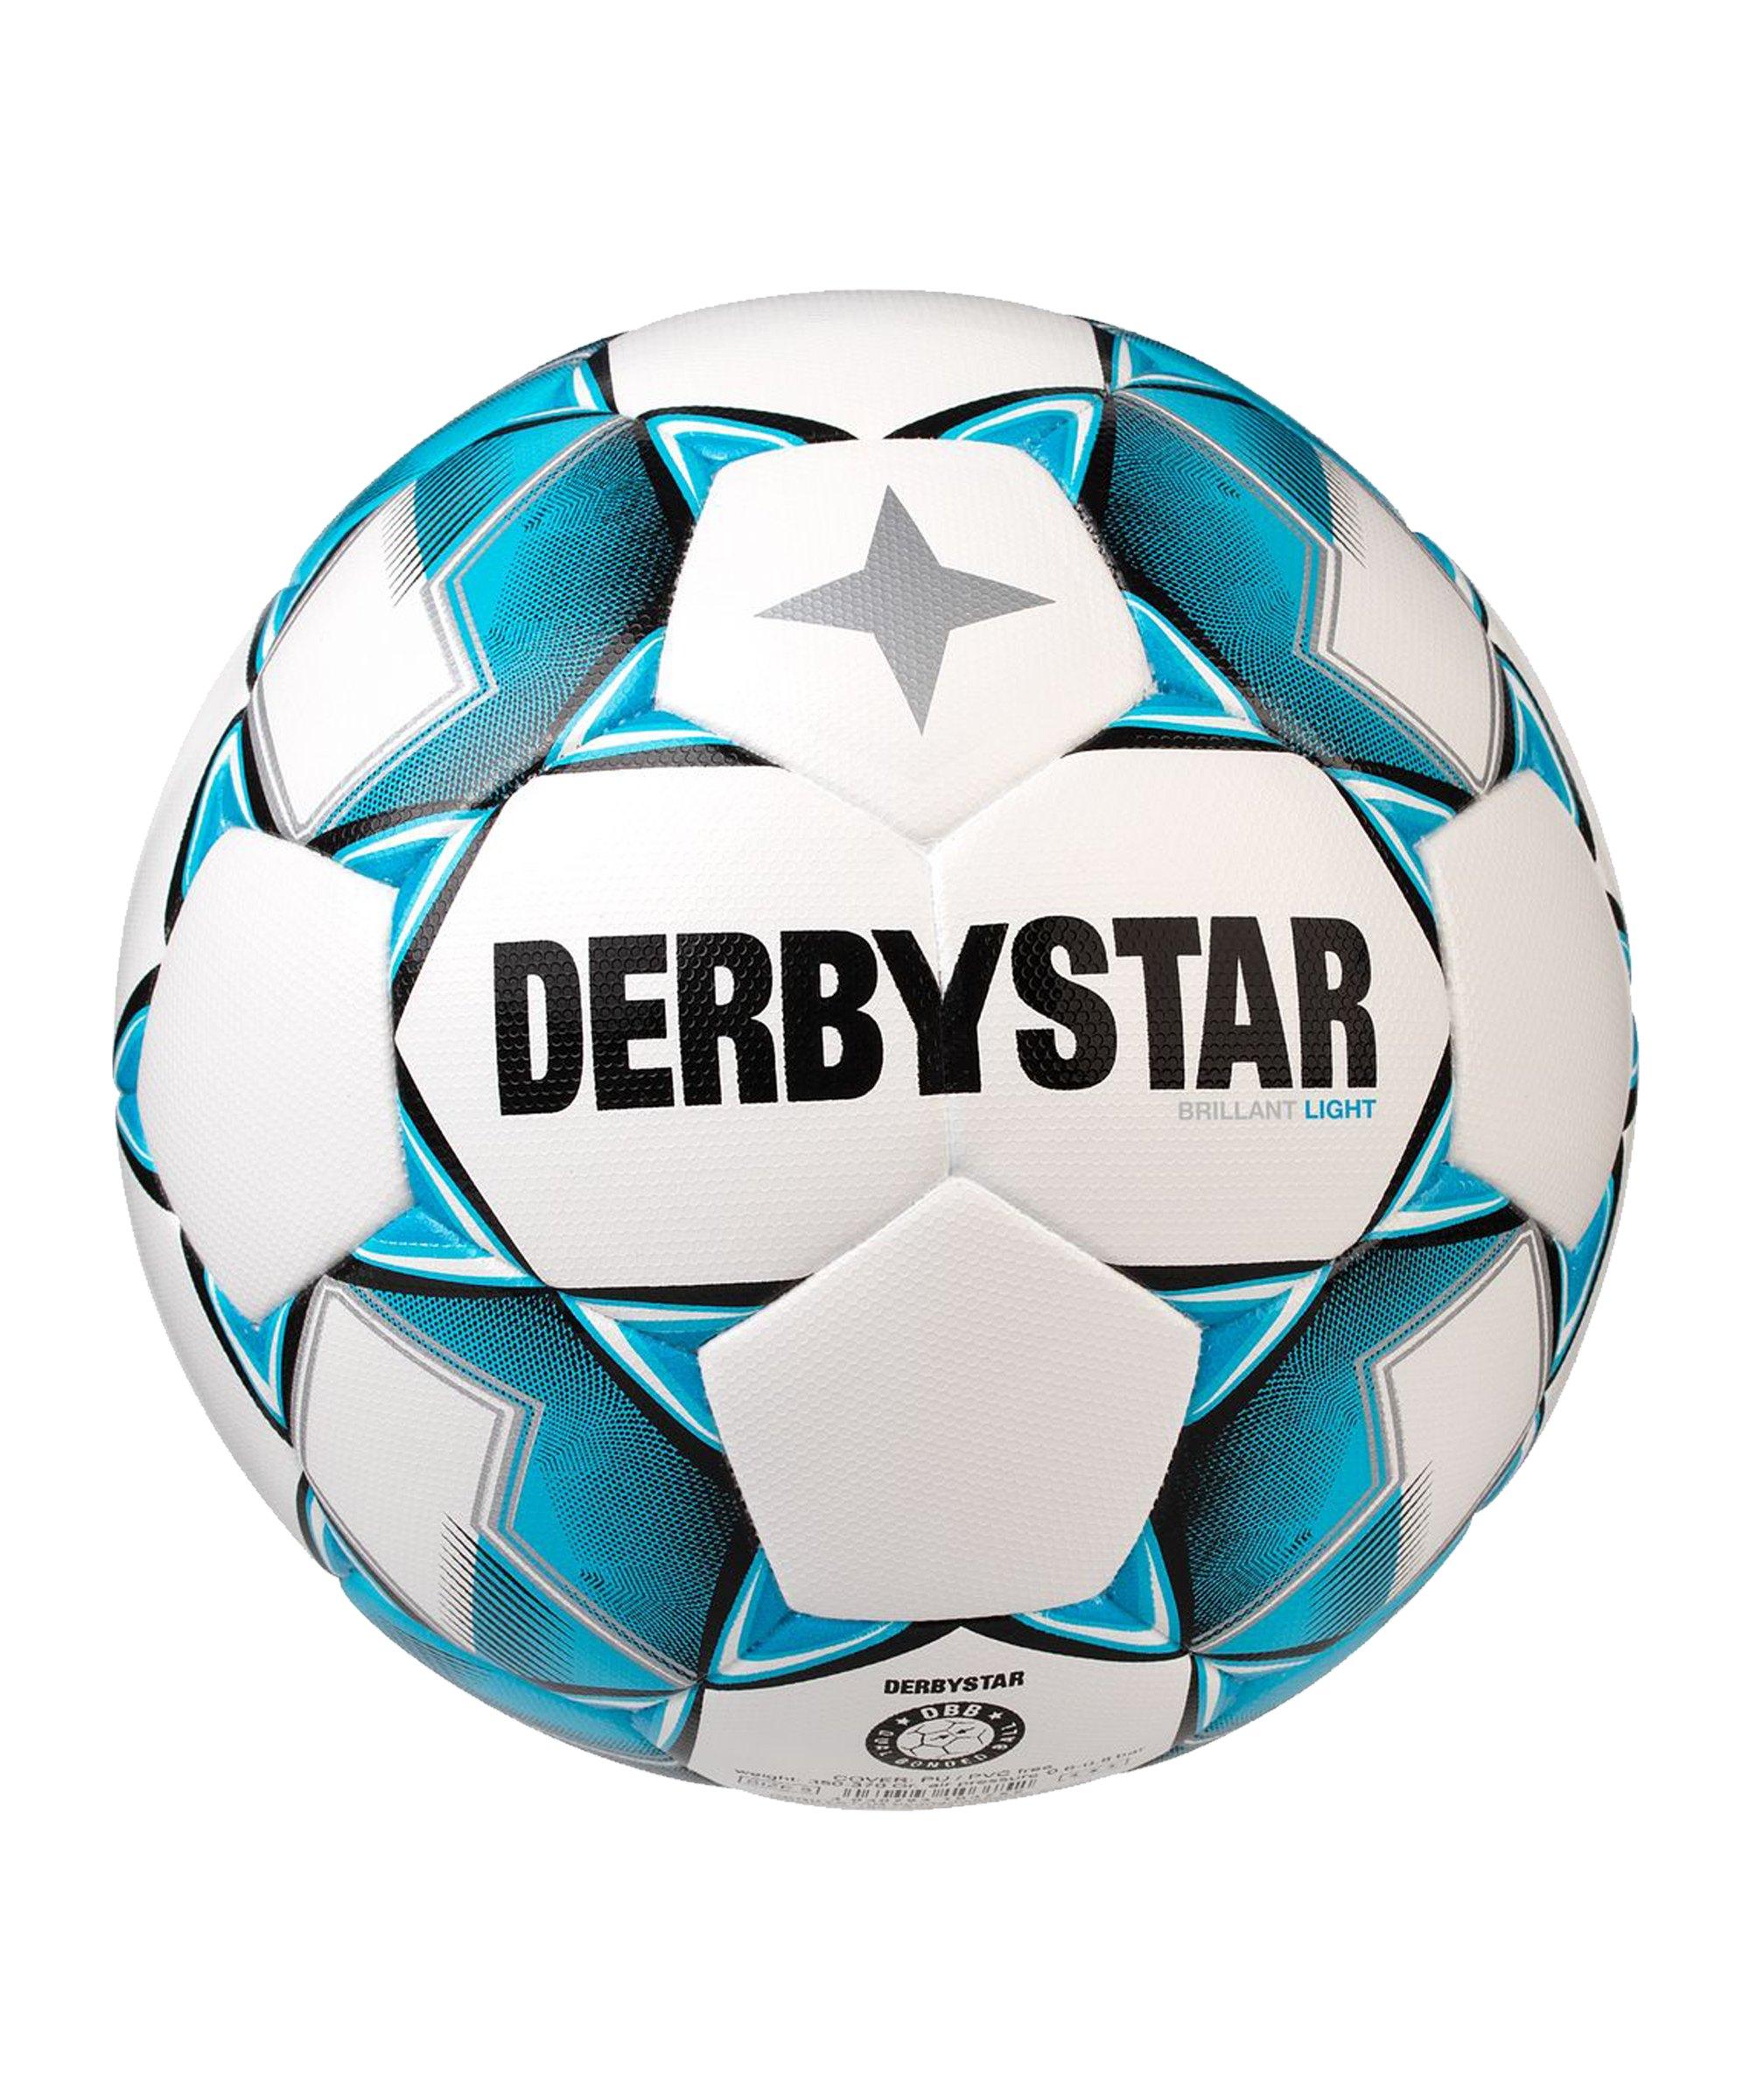 Derbystar Brillant Light DB v20 Trainingsball F162 - weiss